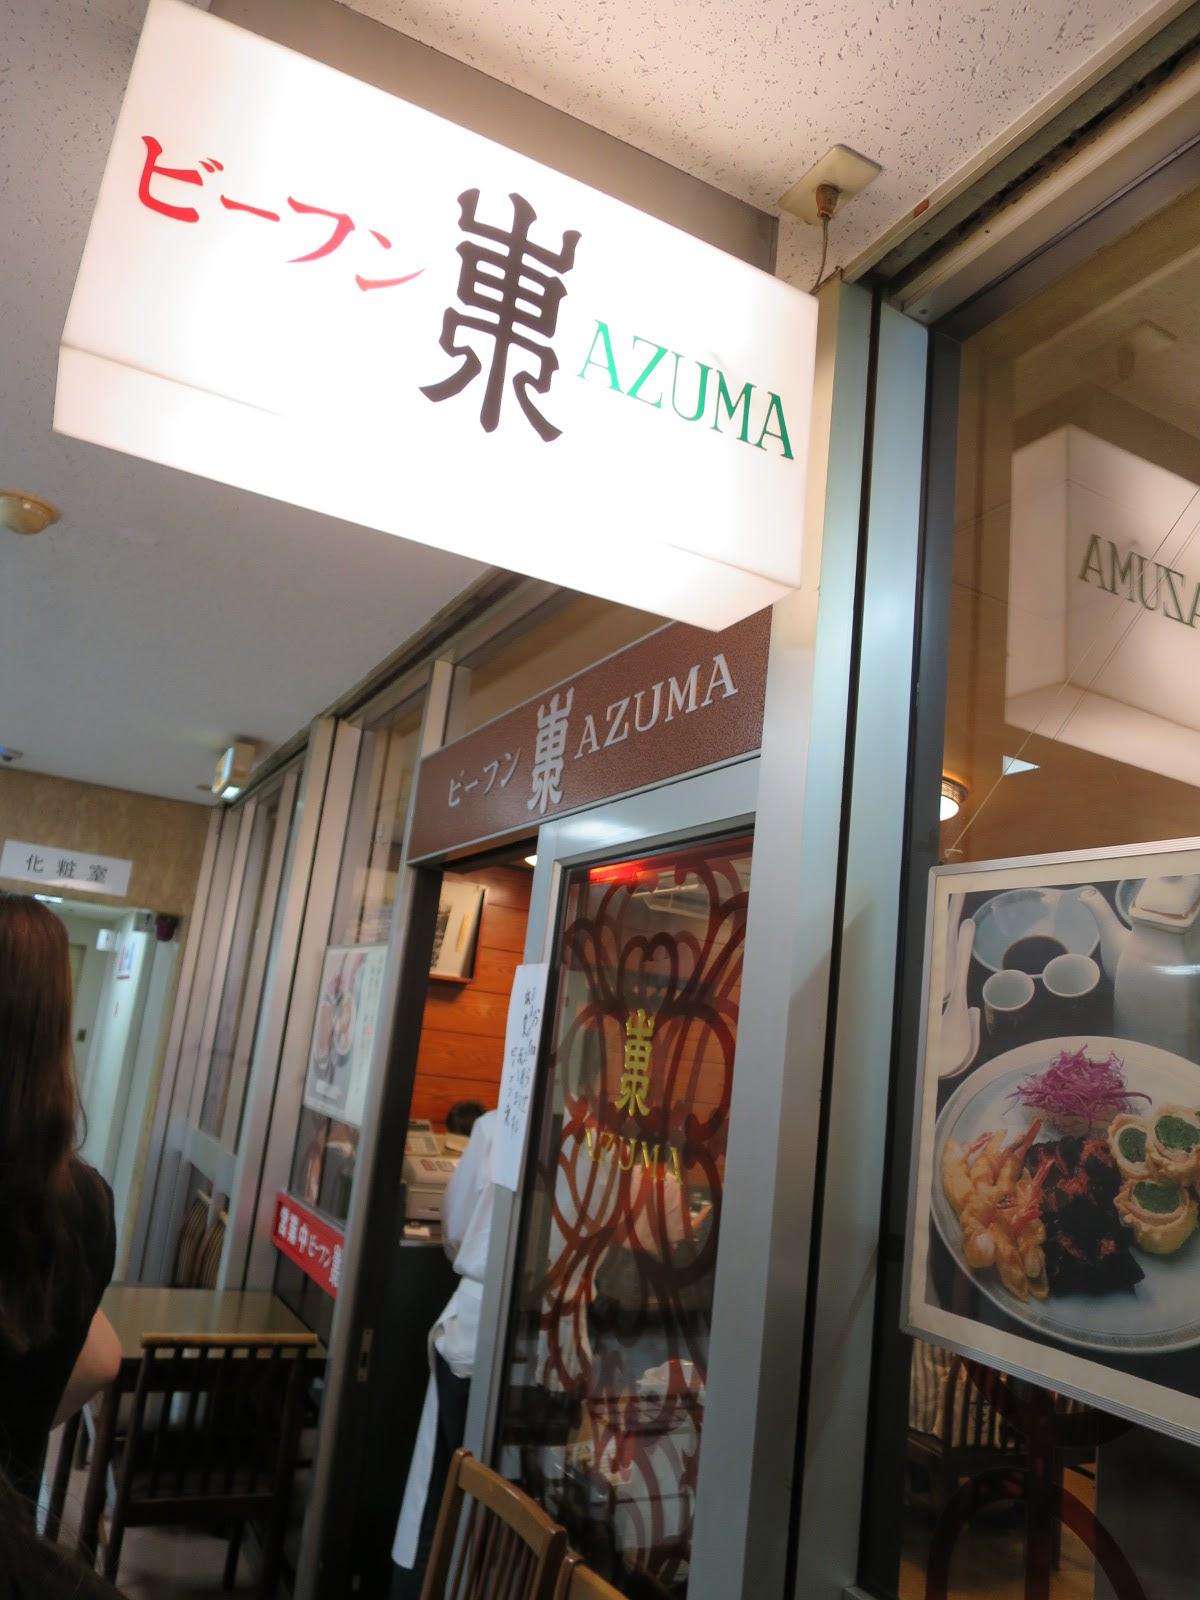 駅前 ランチ 新橋 ビル さかな亭|新橋駅前ビルでランチ、人気No.1の行列店で美味い魚を食す!あまりに美味すぎて2週連続で訪問・・・!